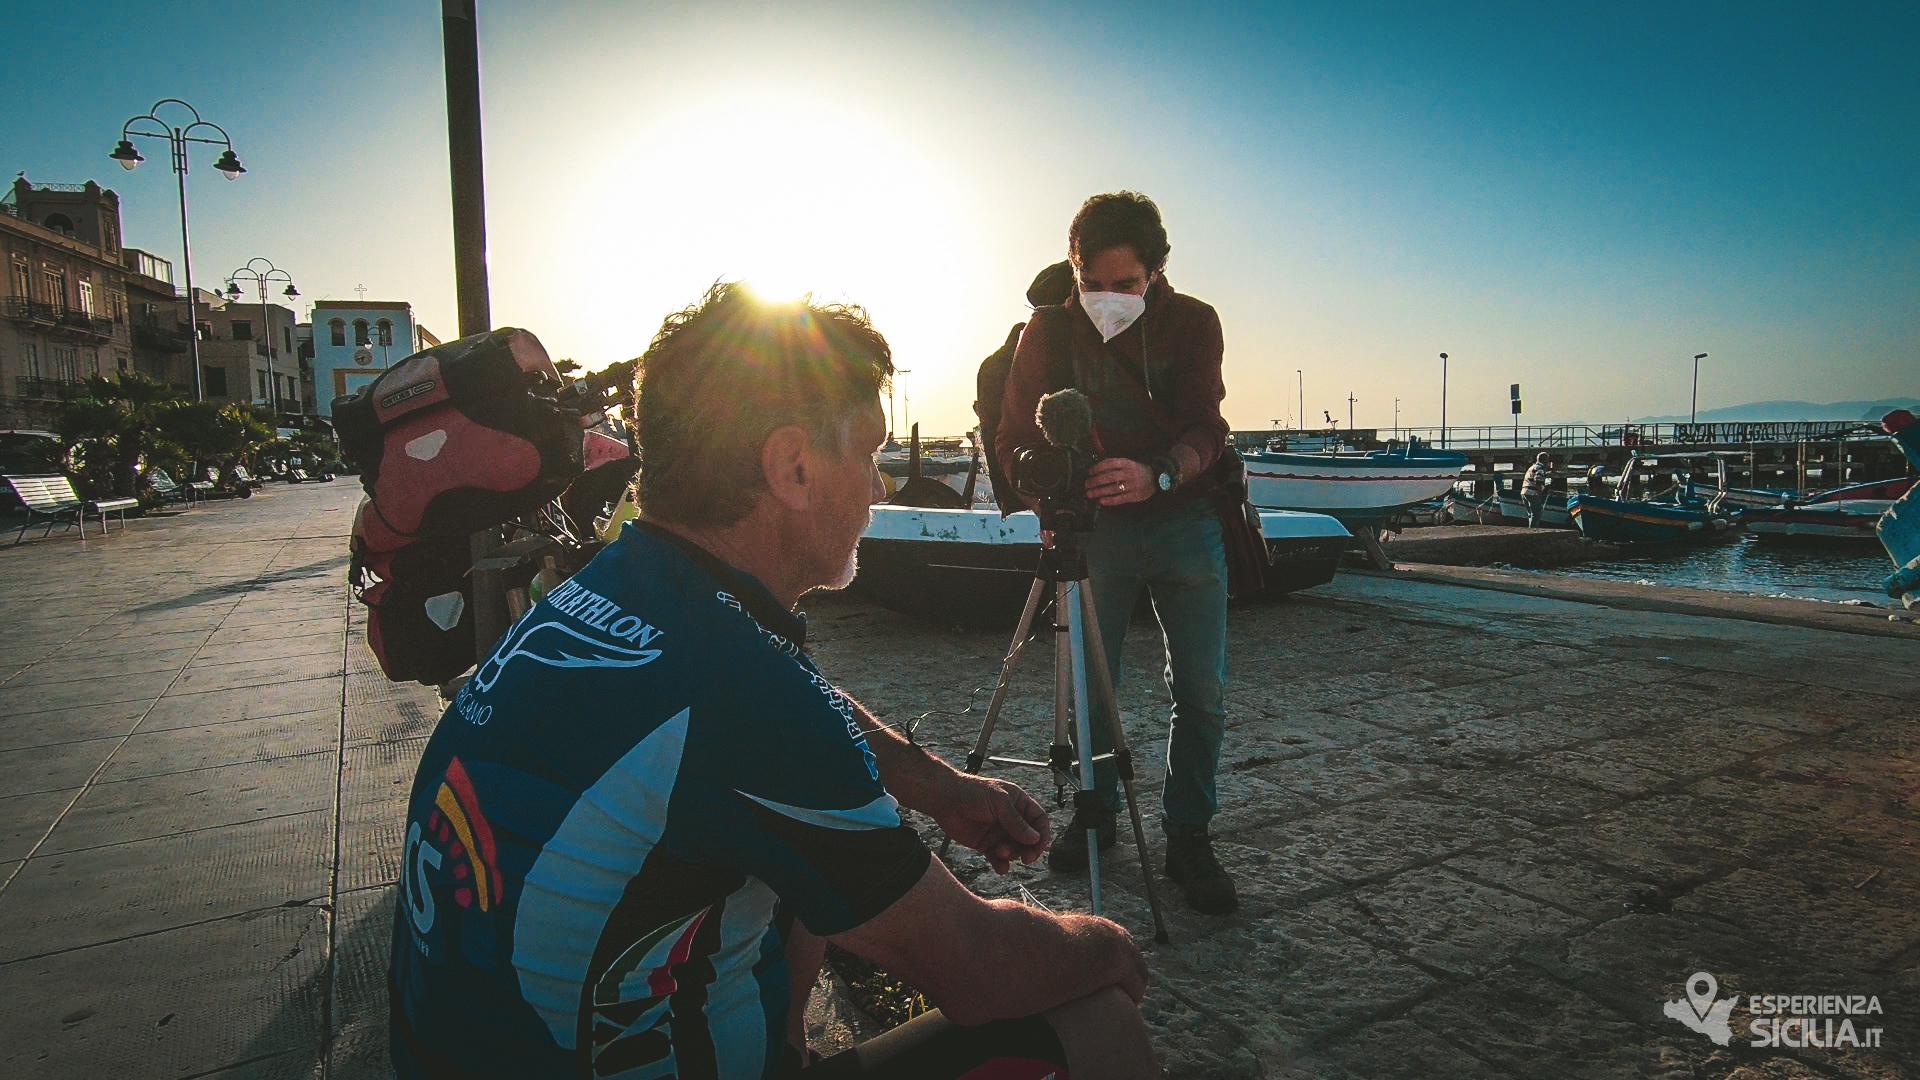 Un sognatore su due ruote. Intervista a Ugo Ghilardi – L'Andata